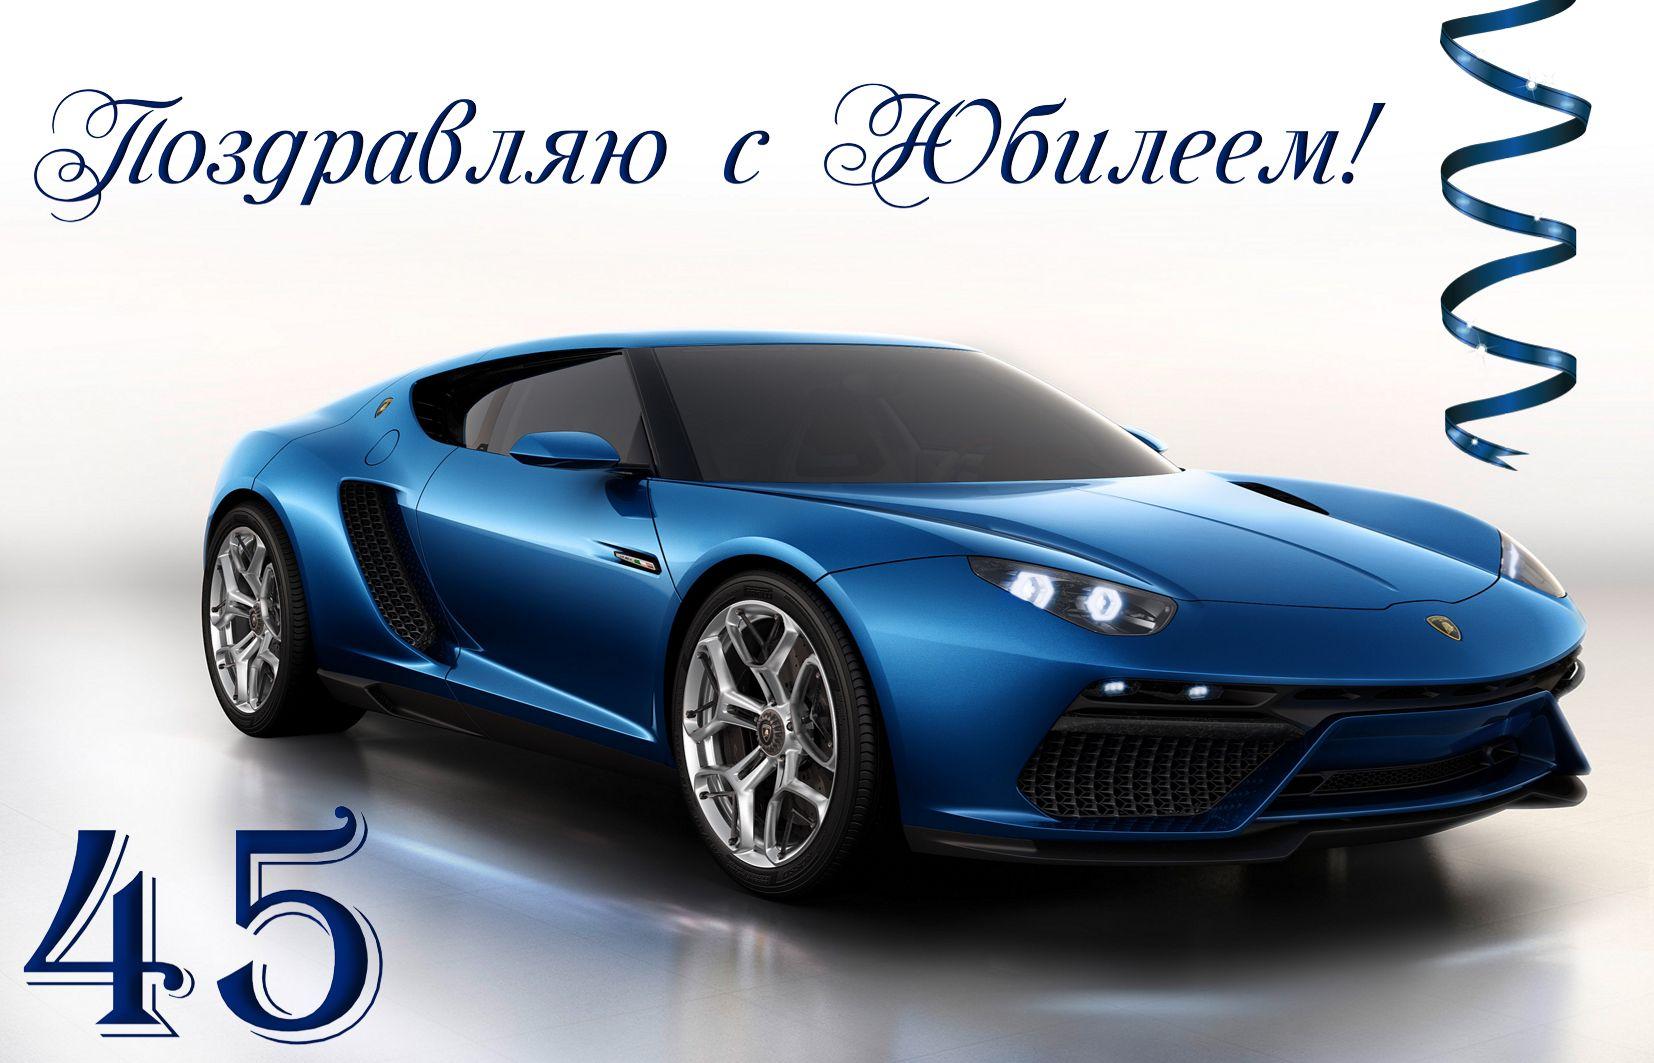 Синяя спортвная машина мужчине на юбилей 45 лет